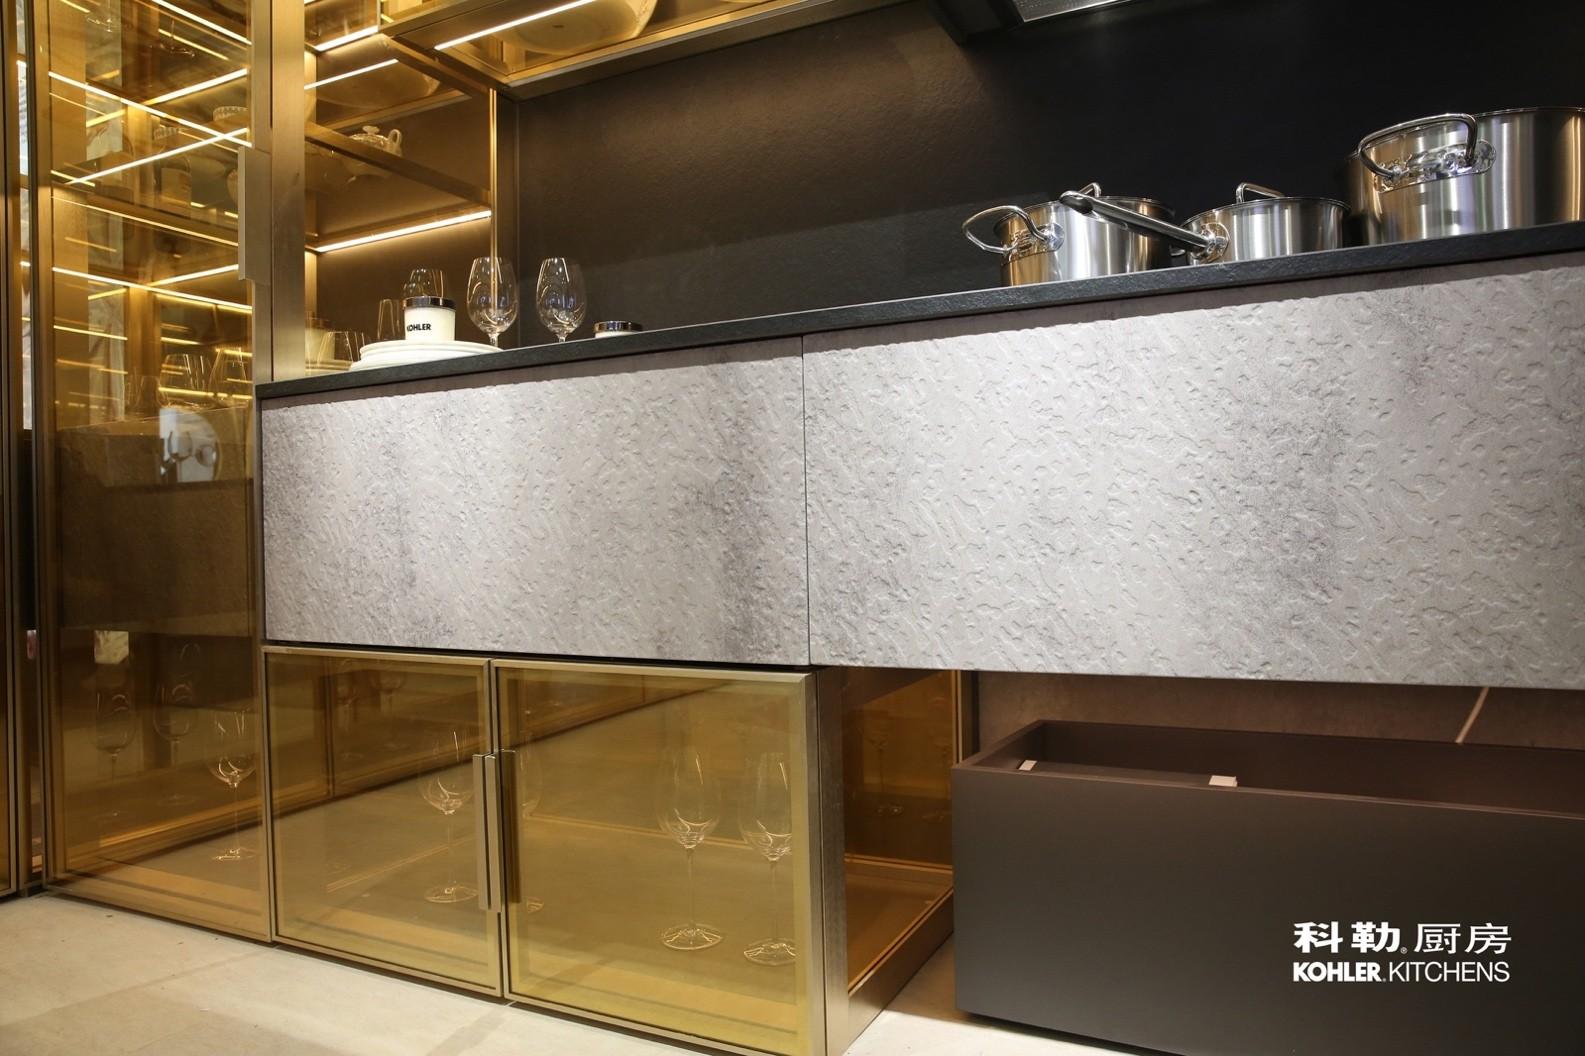 用金属、玻璃和浮雕板混搭设计的科勒橱柜晶至系列